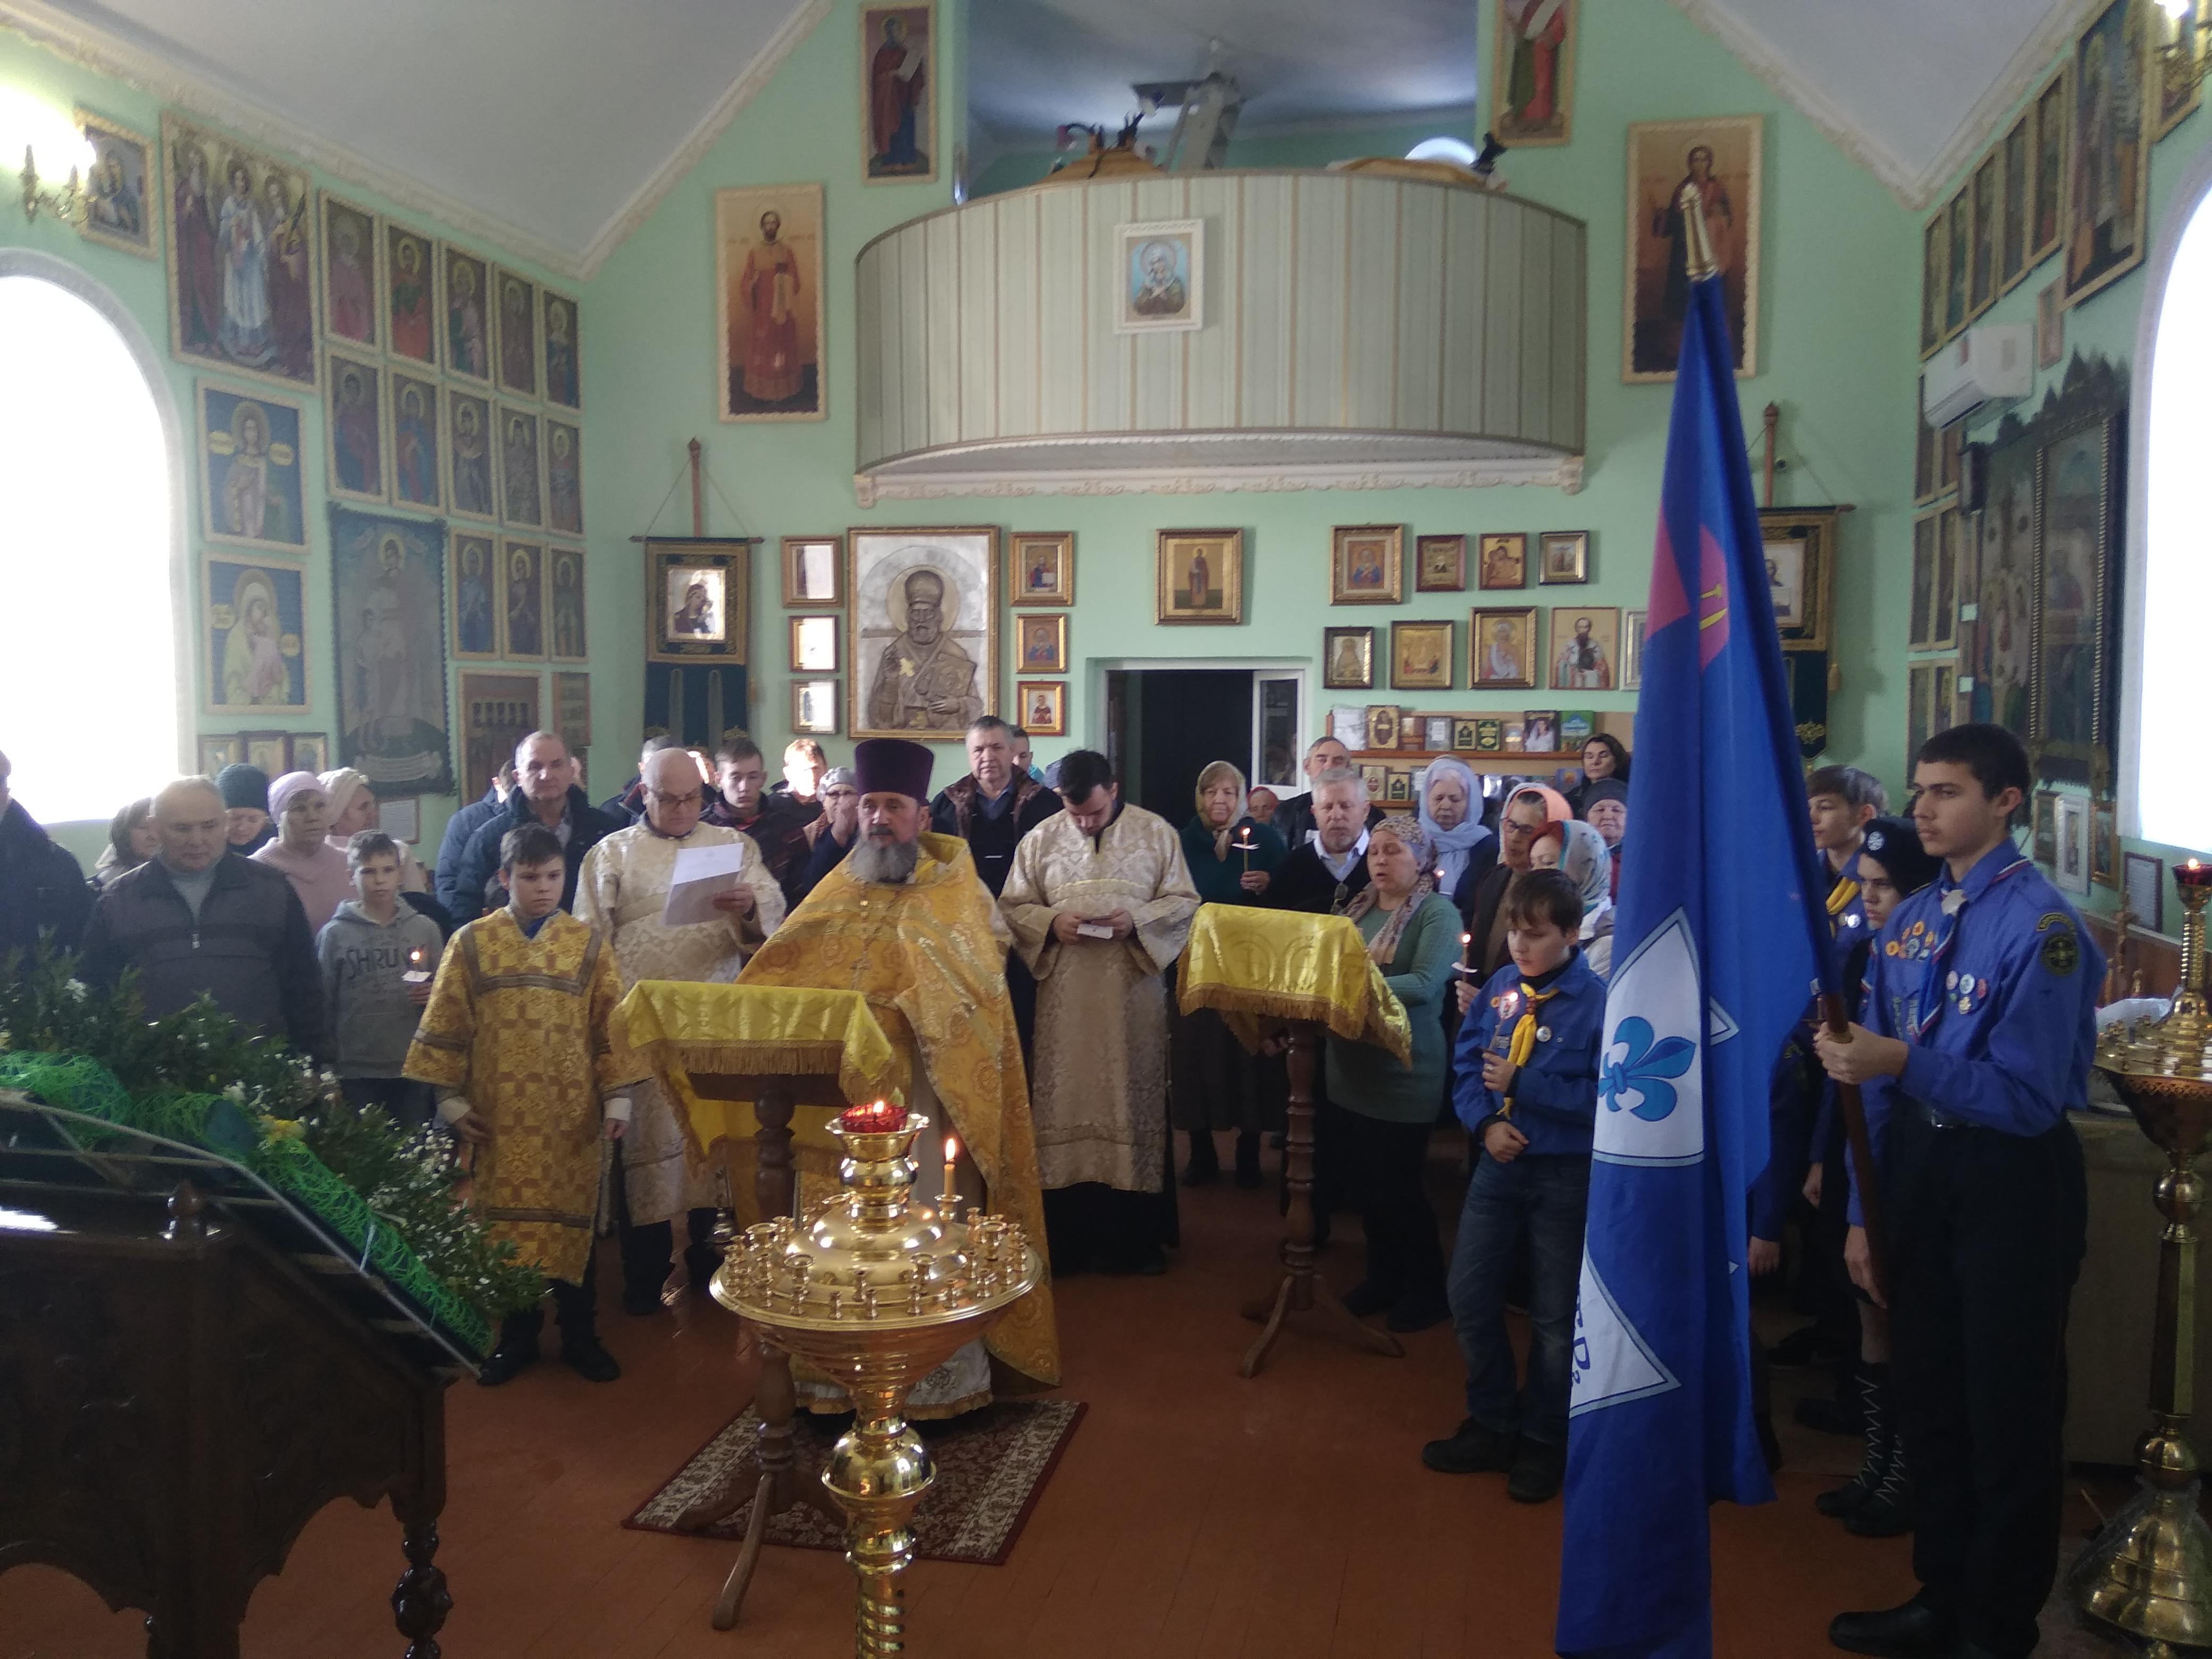 Кореновские следопыты приняли участие в поминальной службе о всех усопших, пострадавших за веру Христову